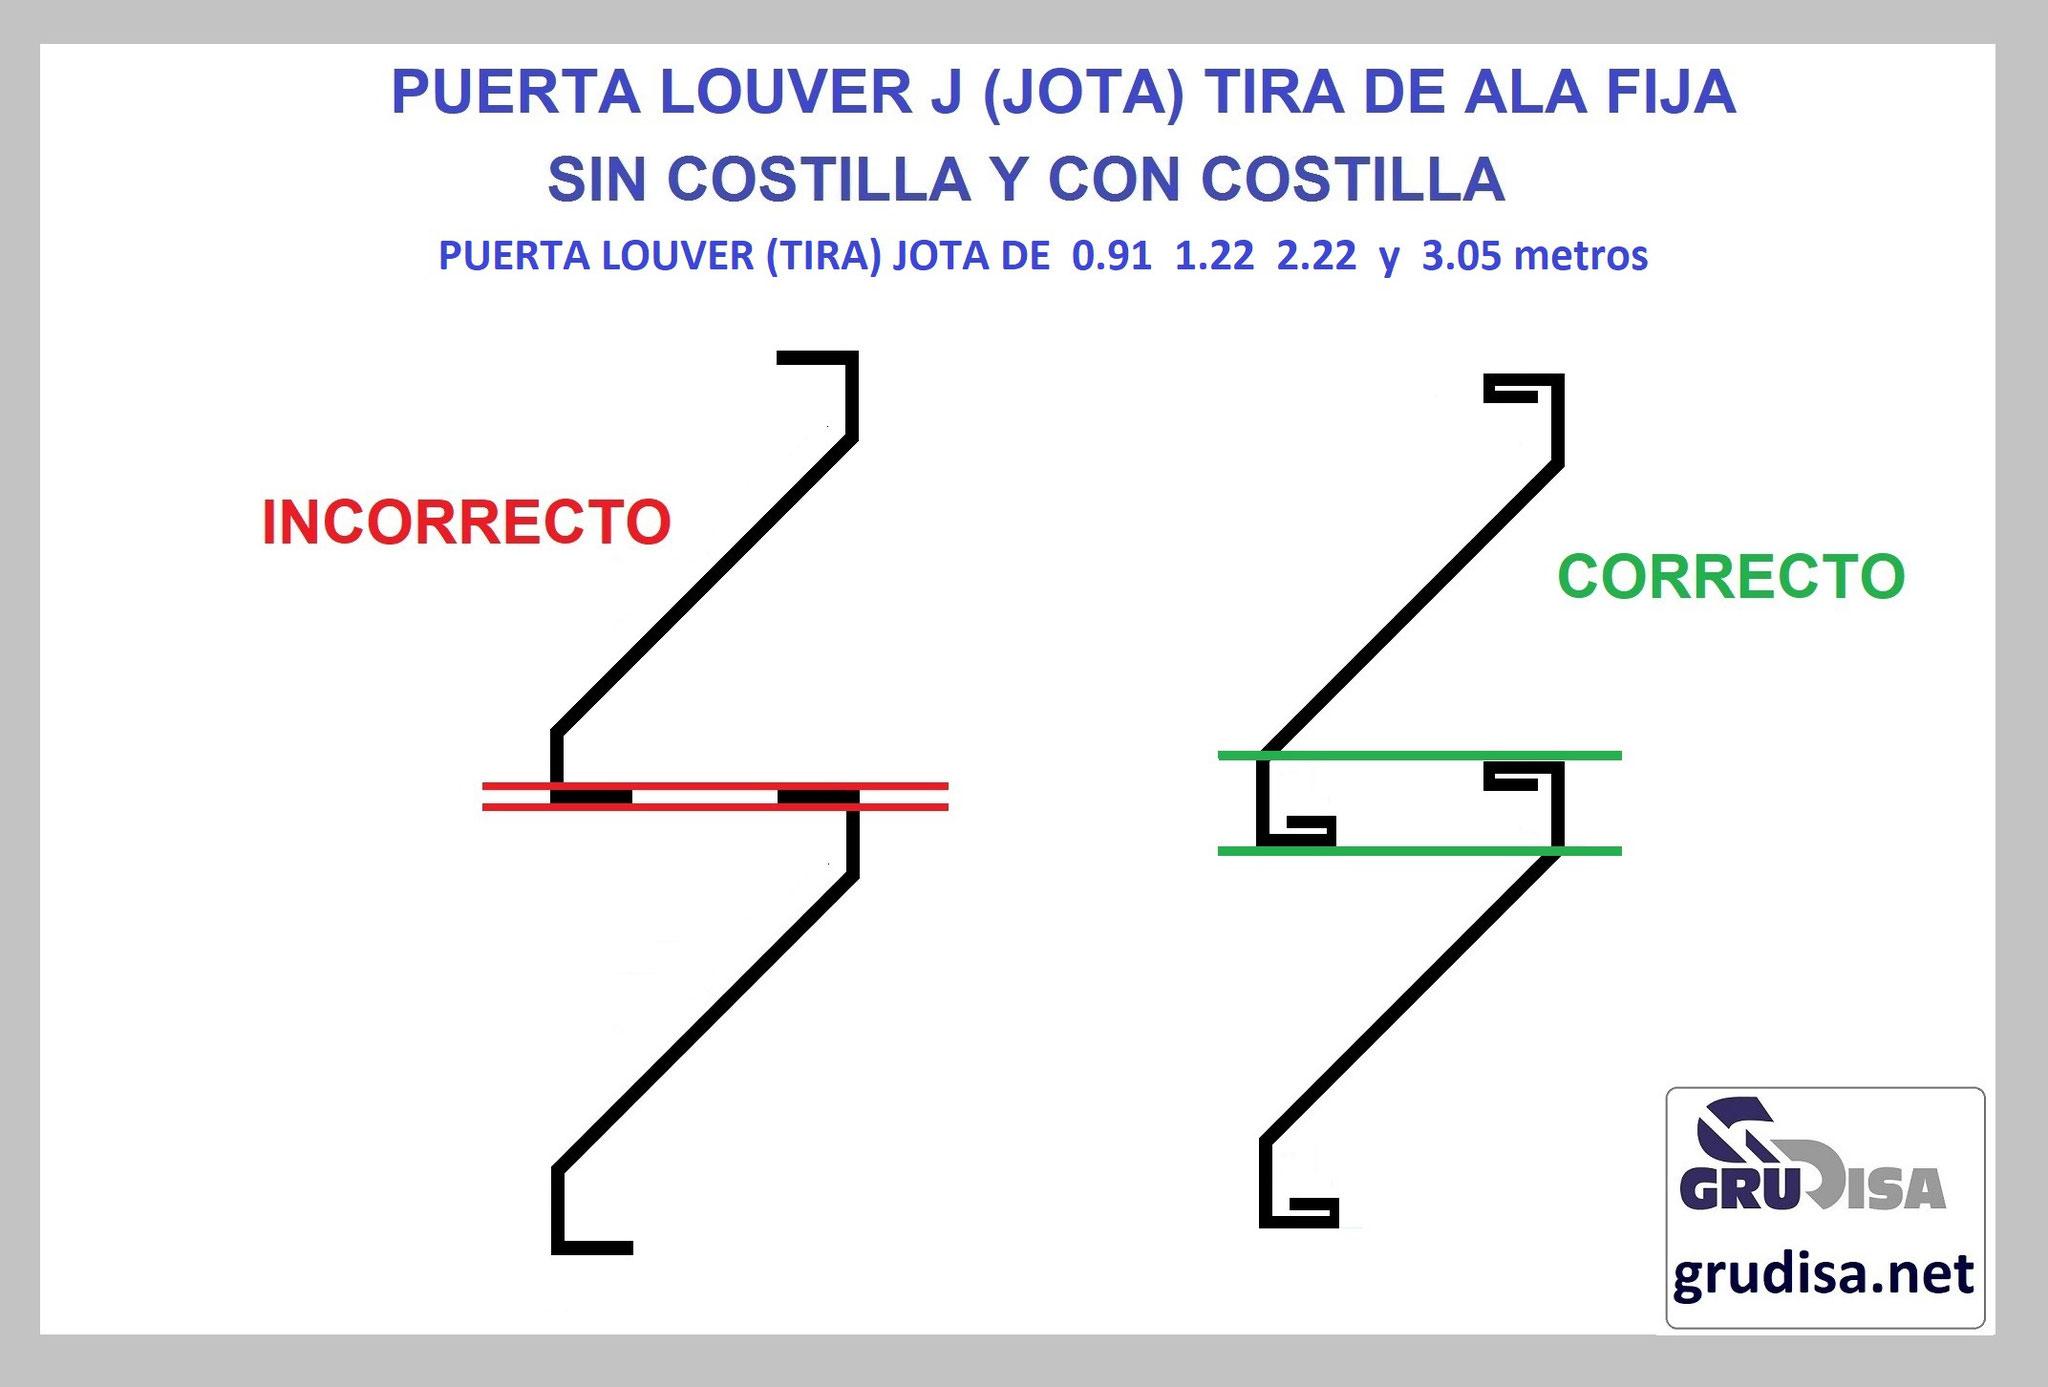 PUERTA LOUVER (TIRA) J JOTA CON Y SIN COSTILLA LARGOS DE 0.91  1.22  2.44  y 3.05m